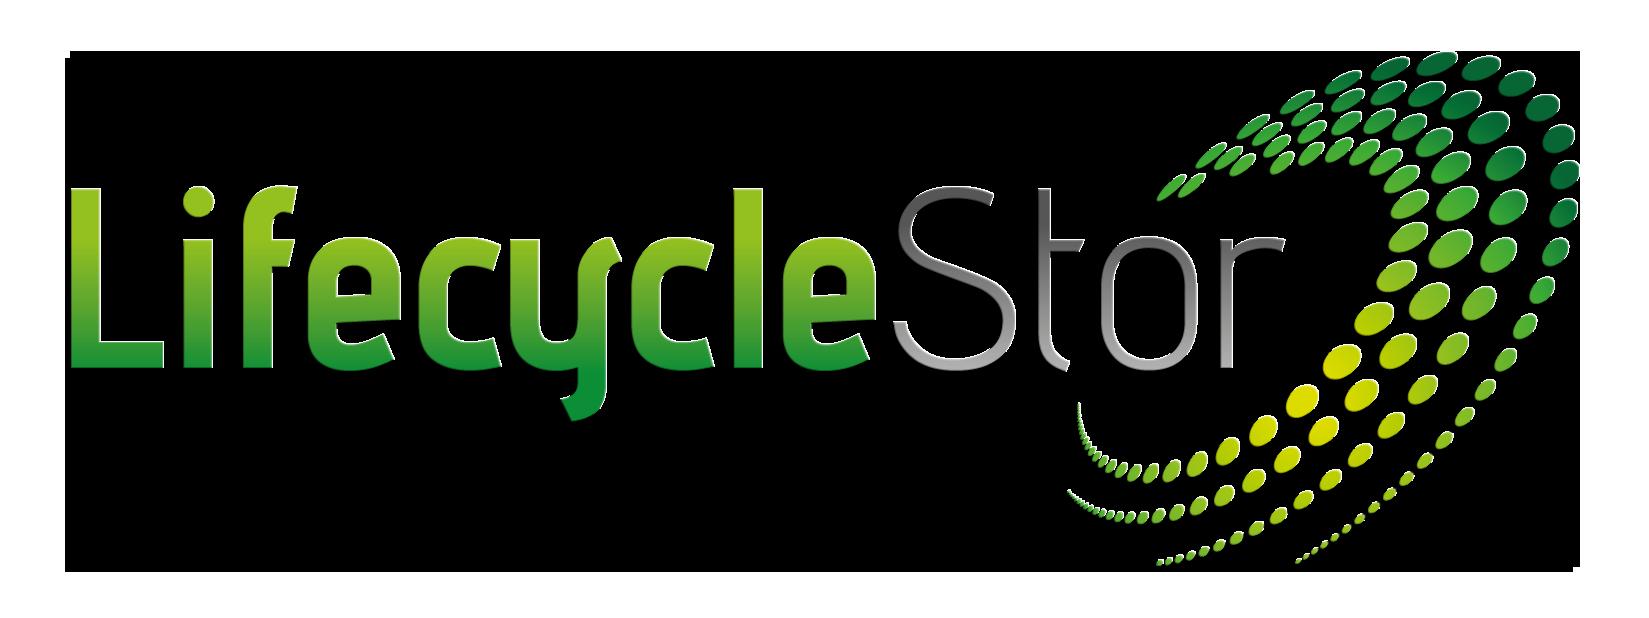 LifecycleStor